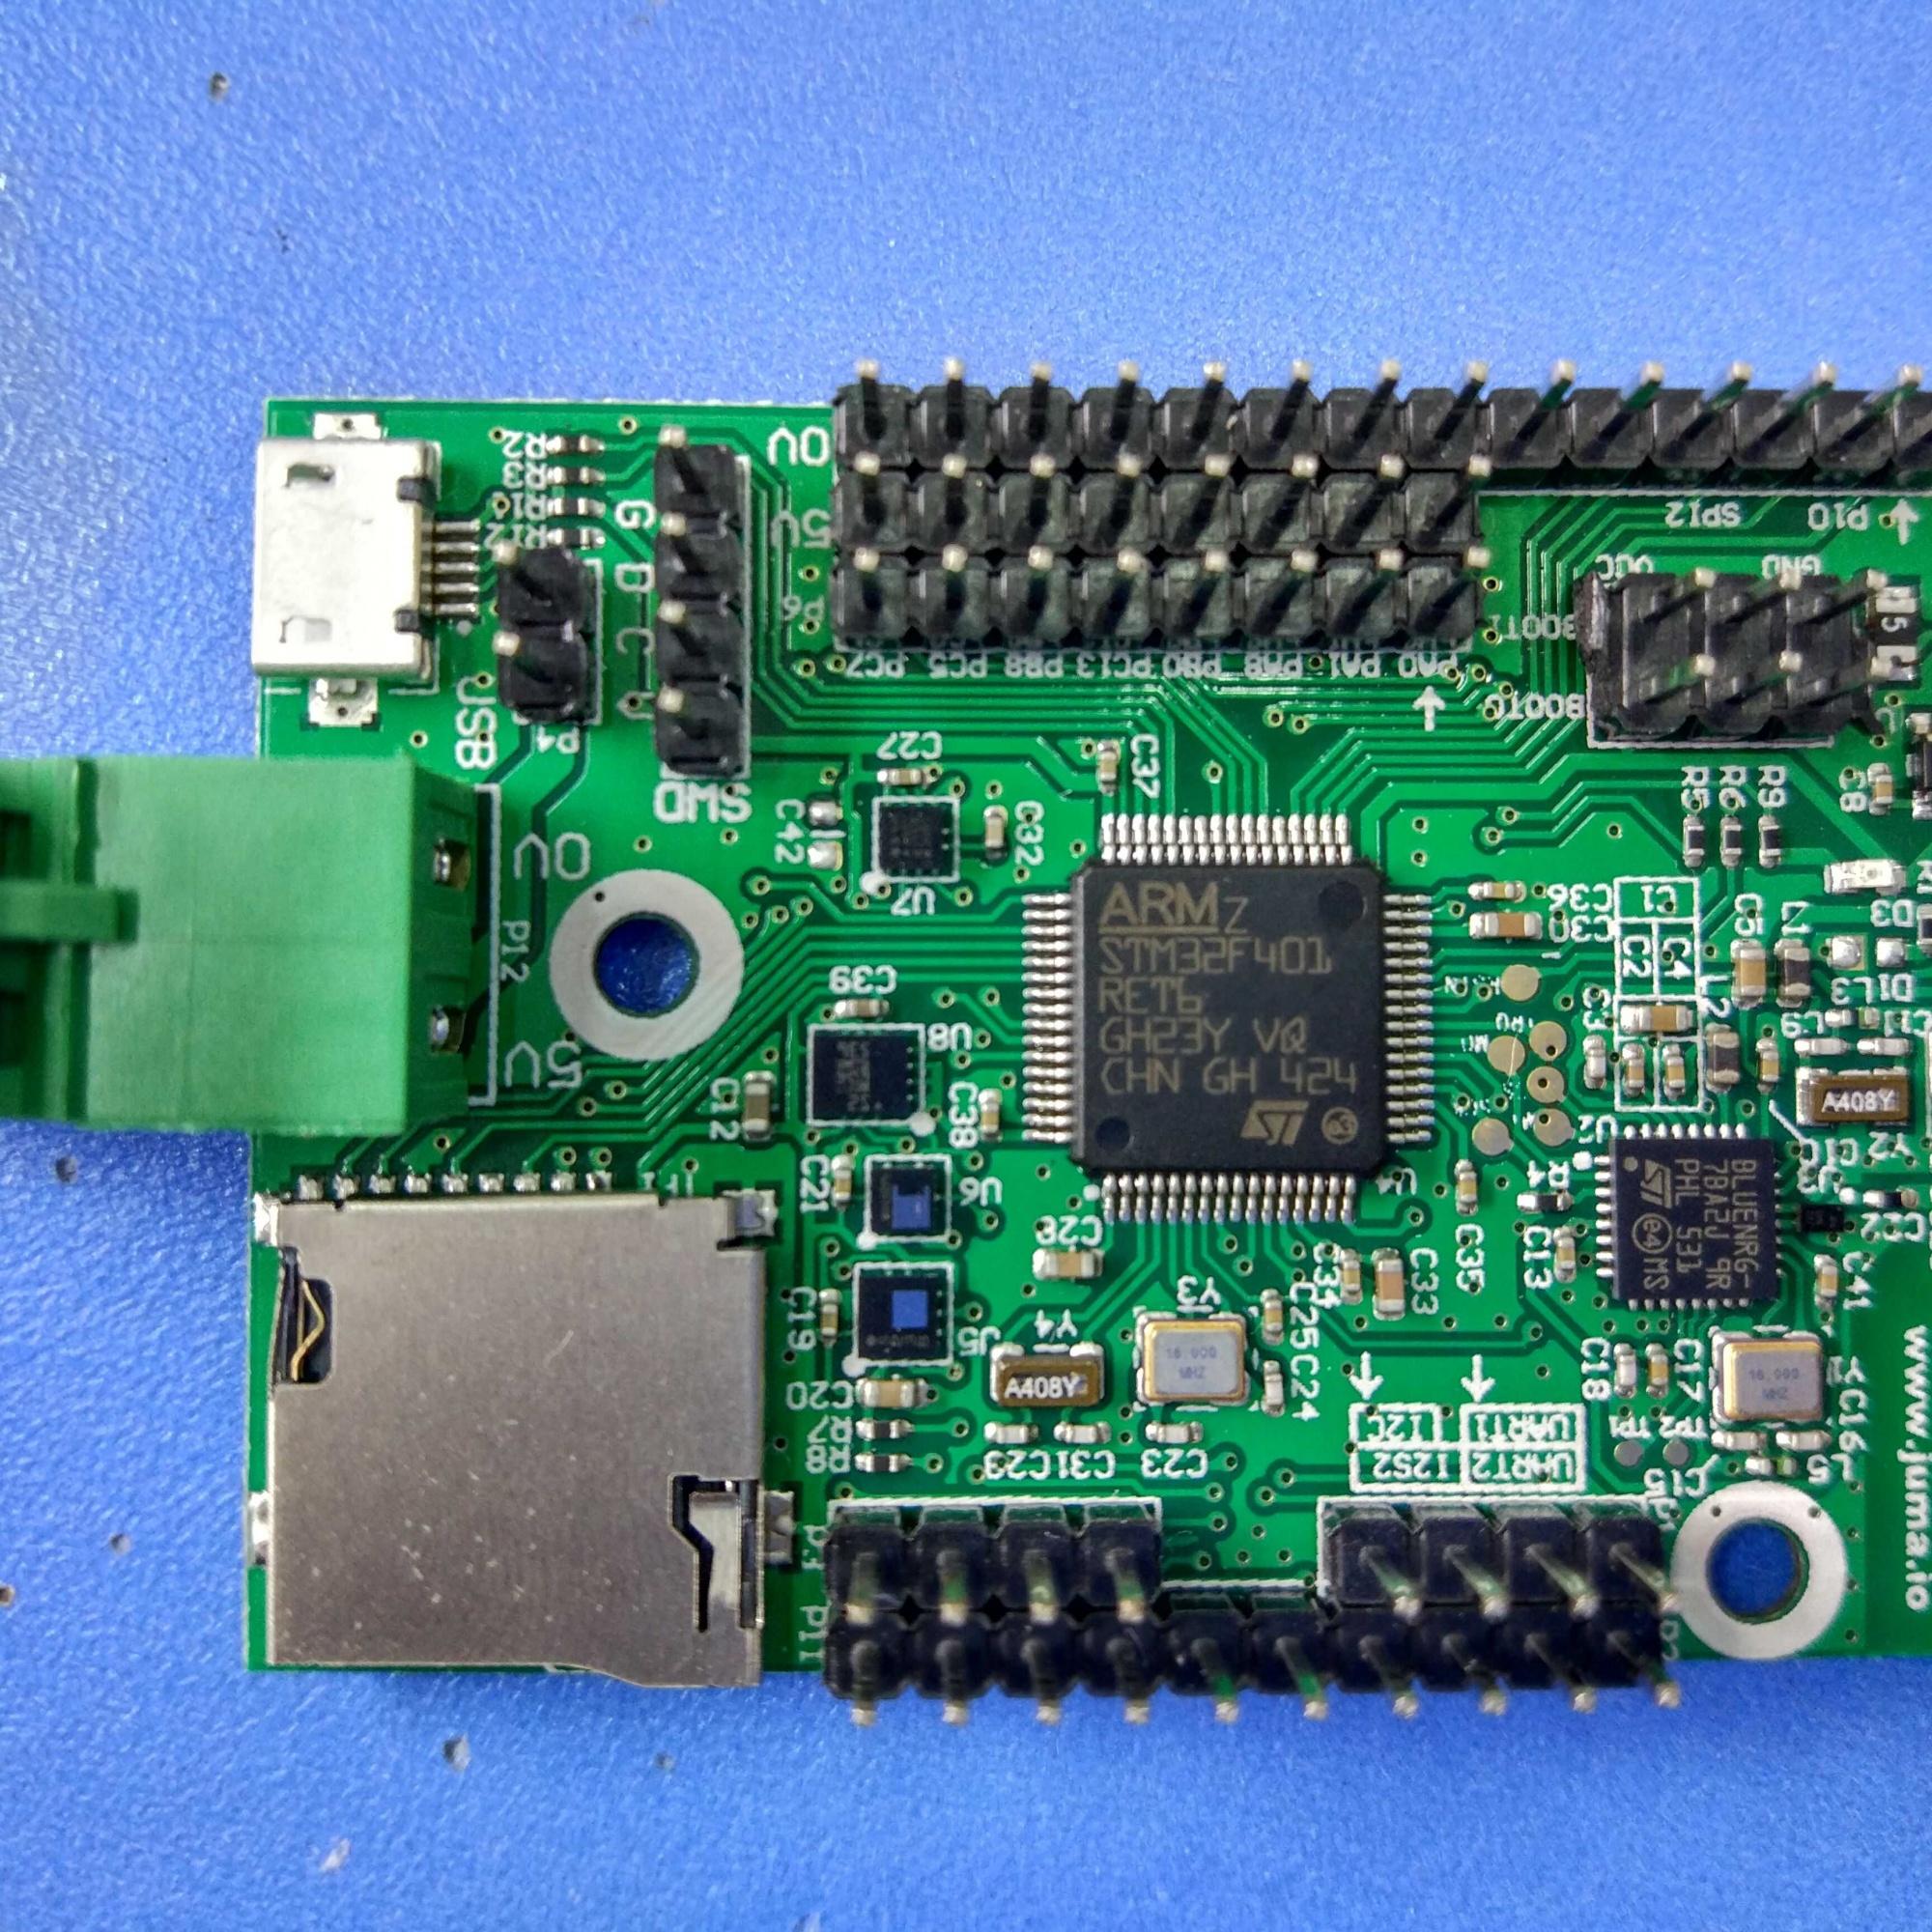 接口: microusb stm32f401的片上外设基本都引出来了的 tf卡(microsd)